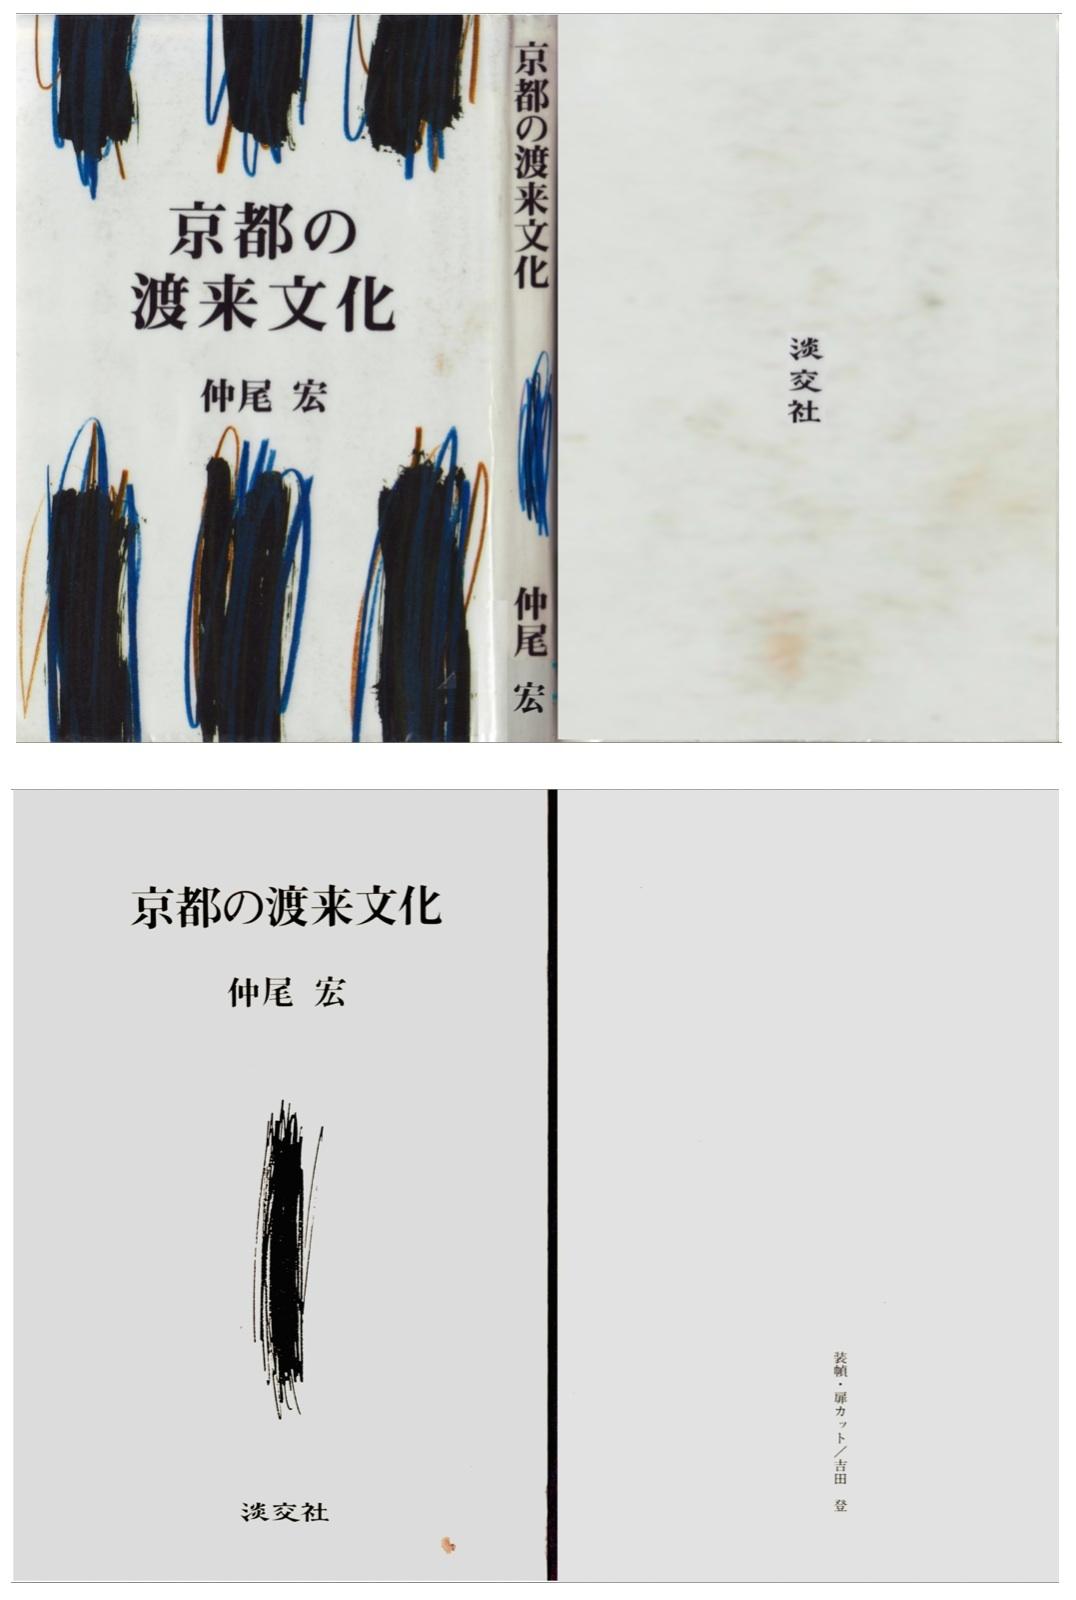 吉田登装幀本